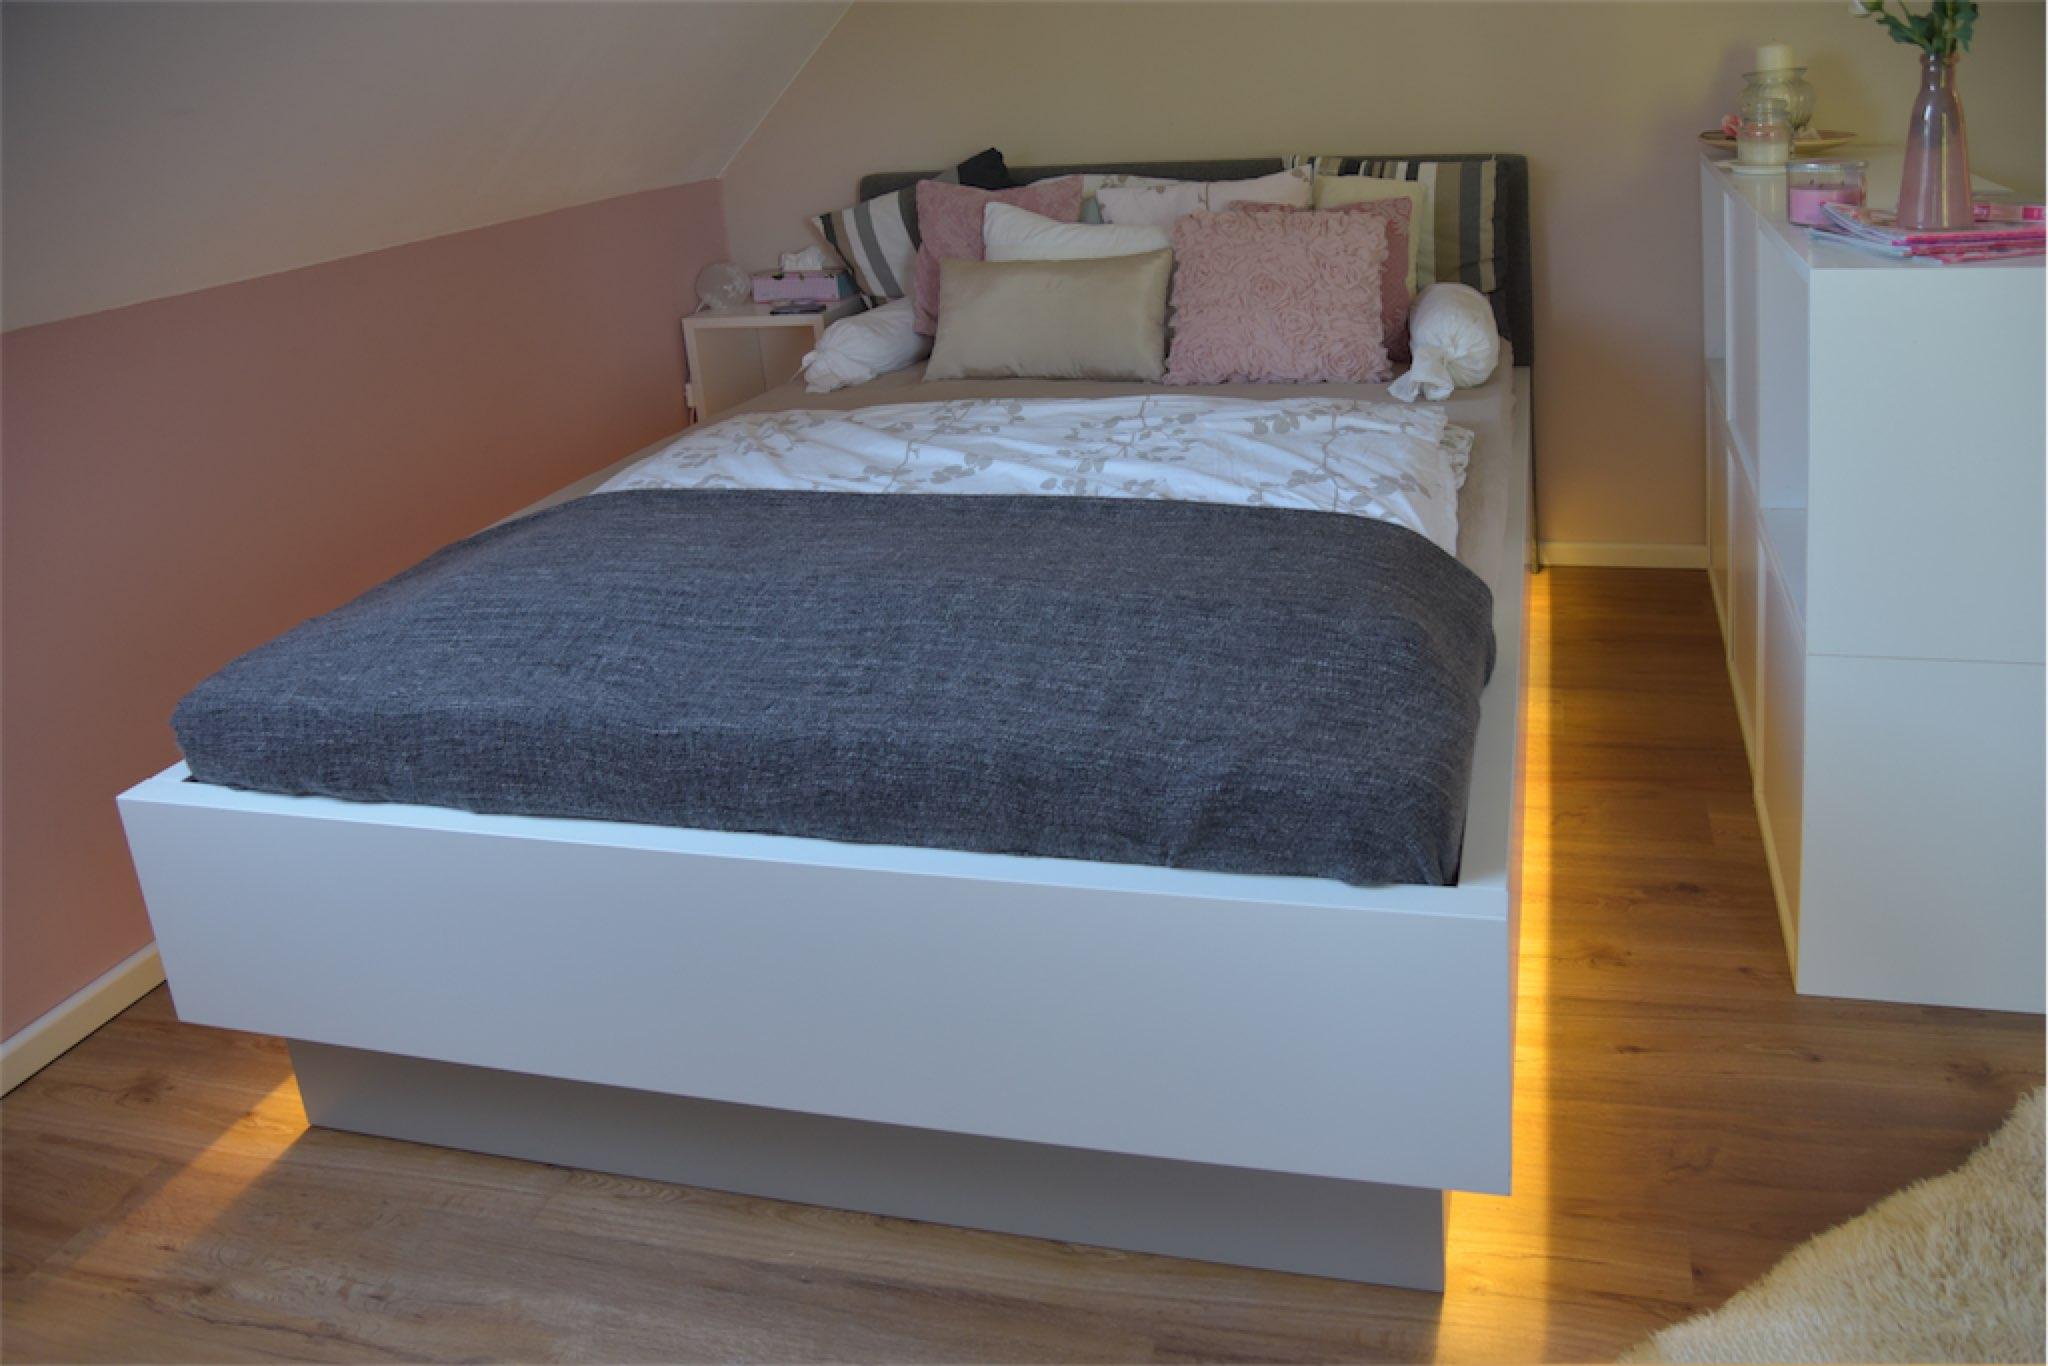 Bett in MDF lackiert